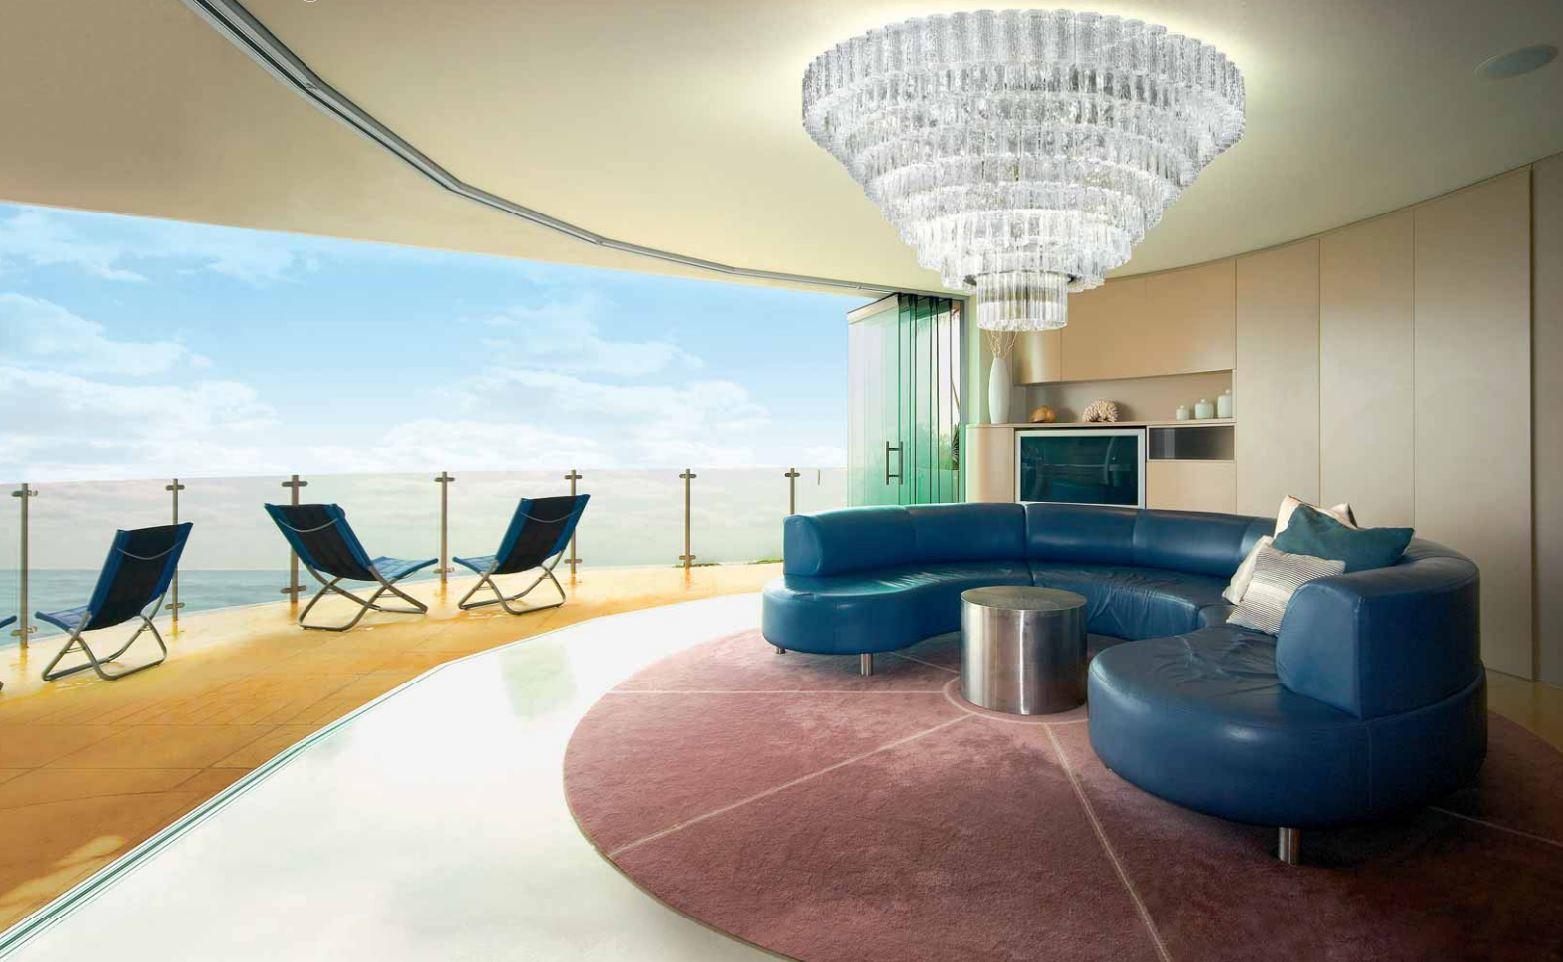 h chst exklusiver deckenluster der oberklasse kronleuchter innenleuchten platinlux der. Black Bedroom Furniture Sets. Home Design Ideas